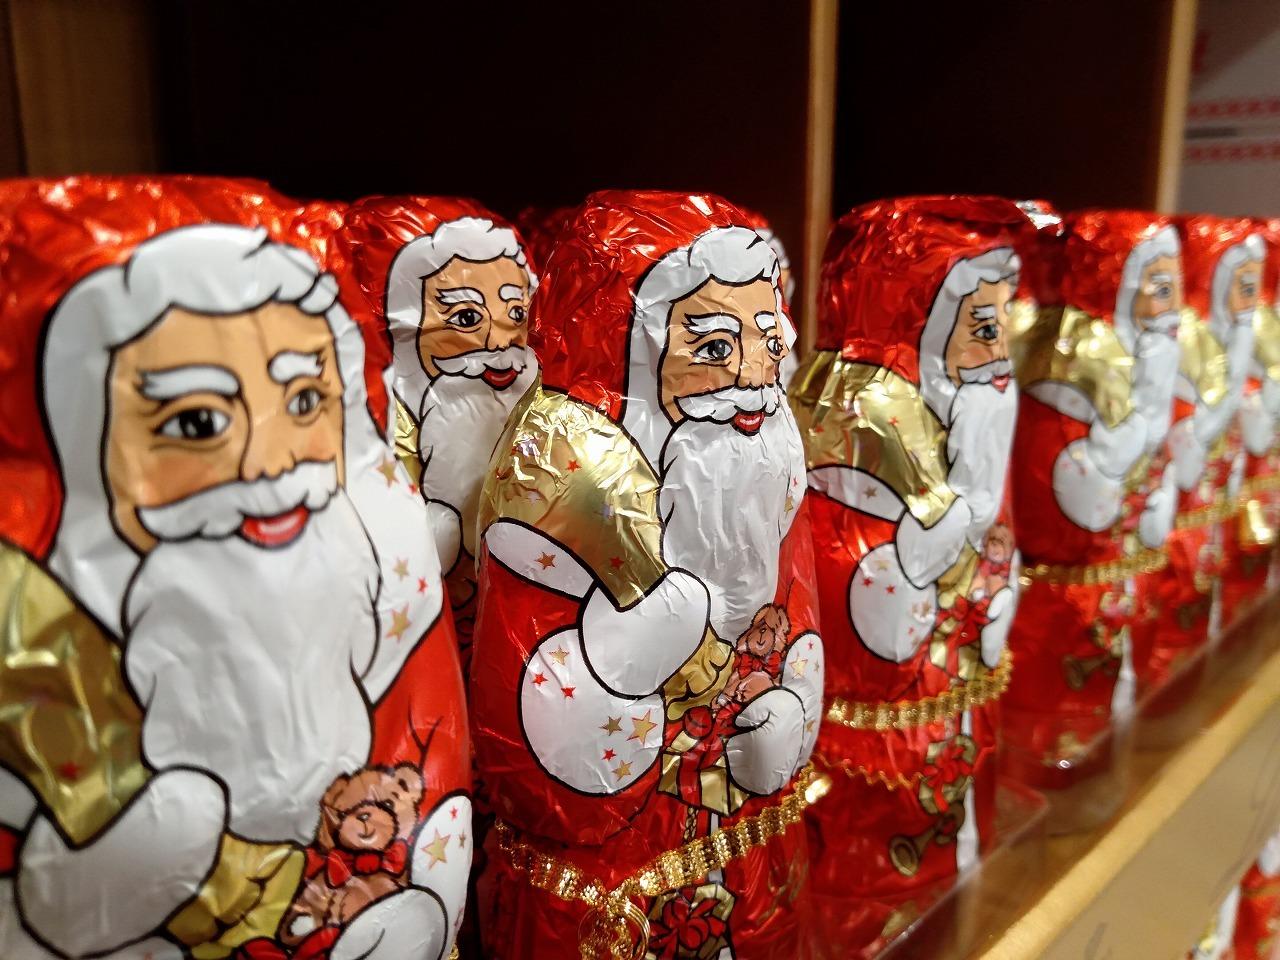 ドイツのクリスマスと日本の正月 01_a0355629_08494127.jpg